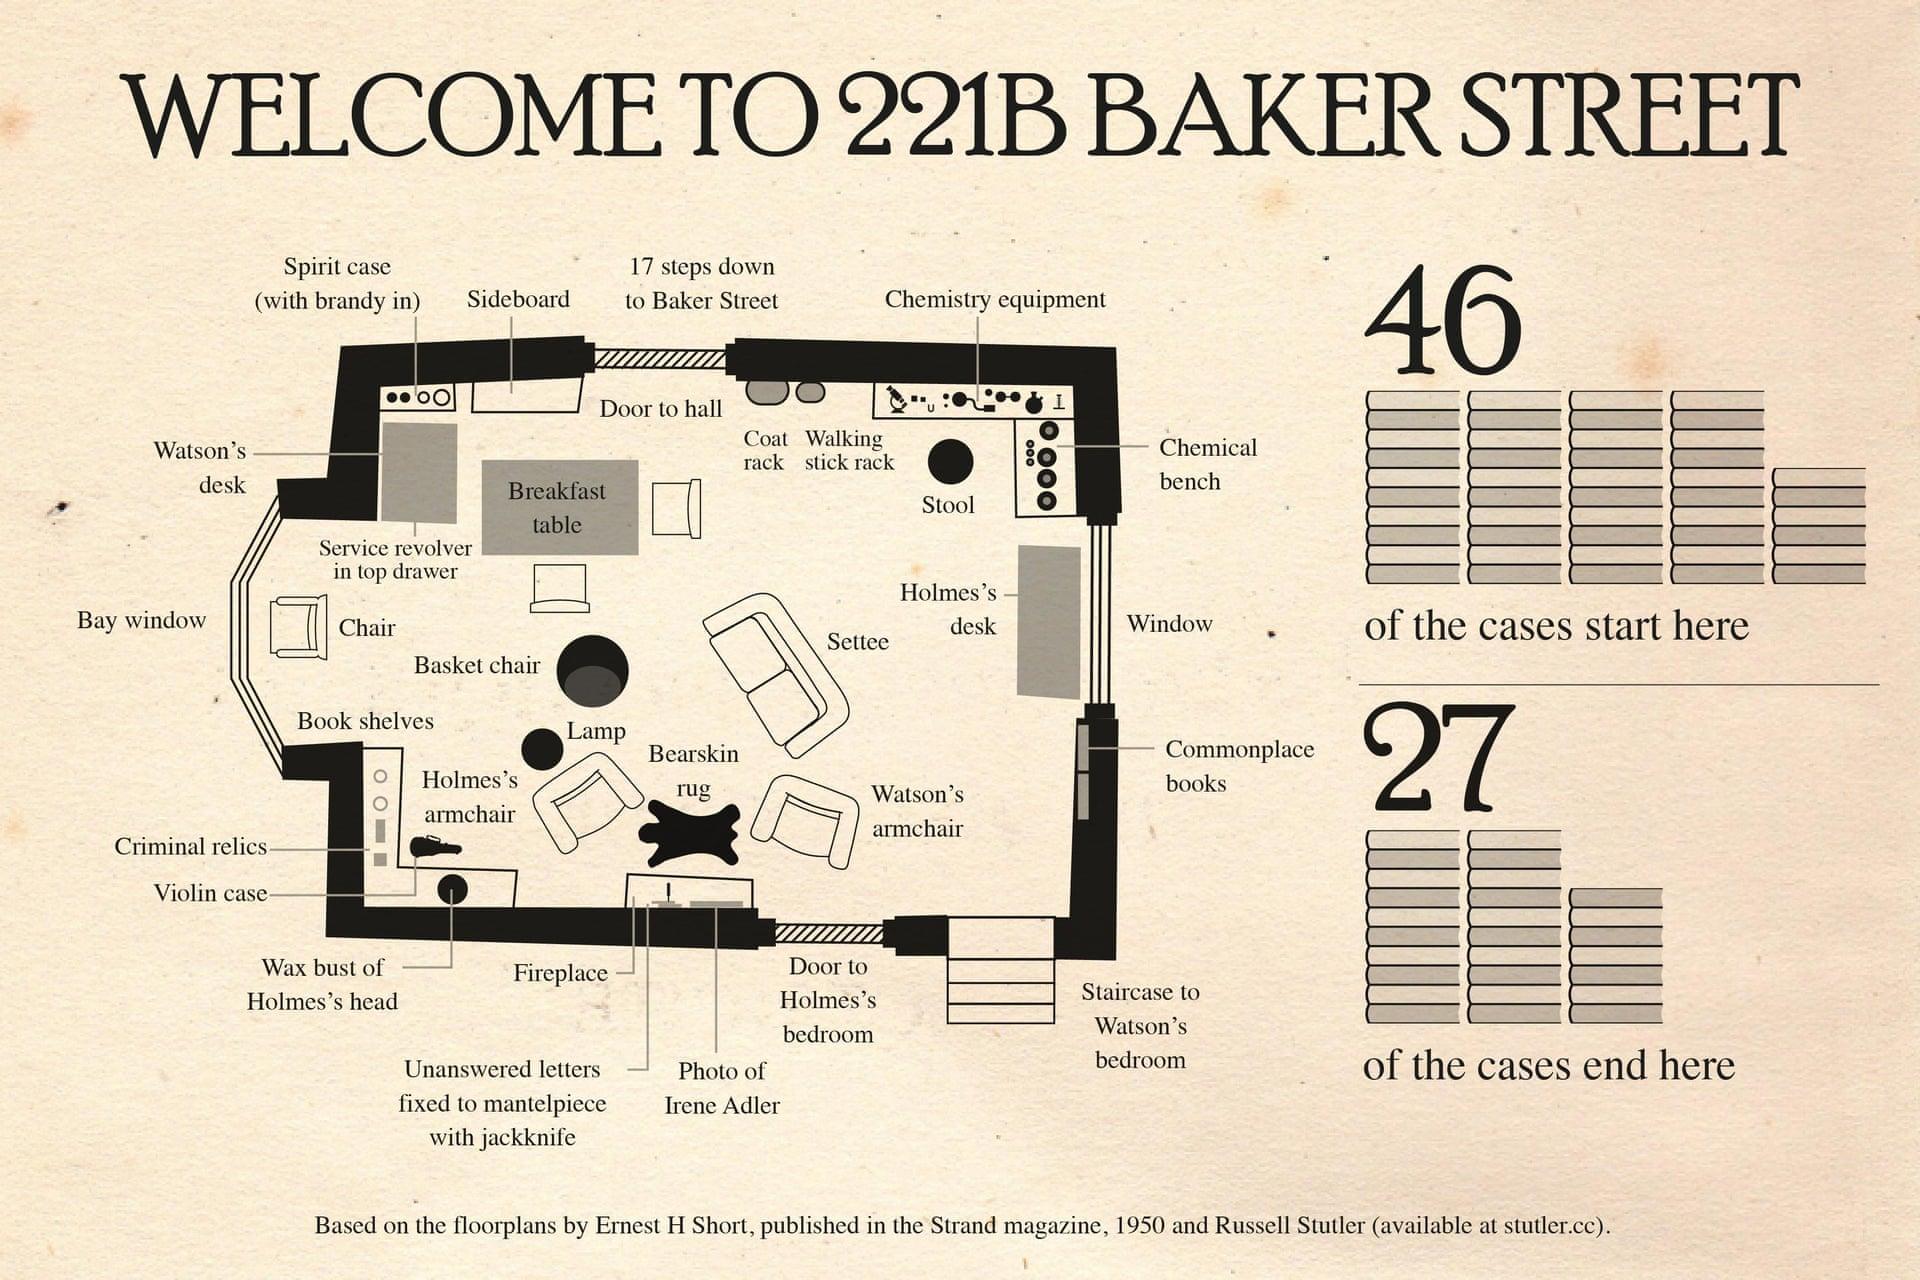 3750 - Sherlock Holmes of Baker Street